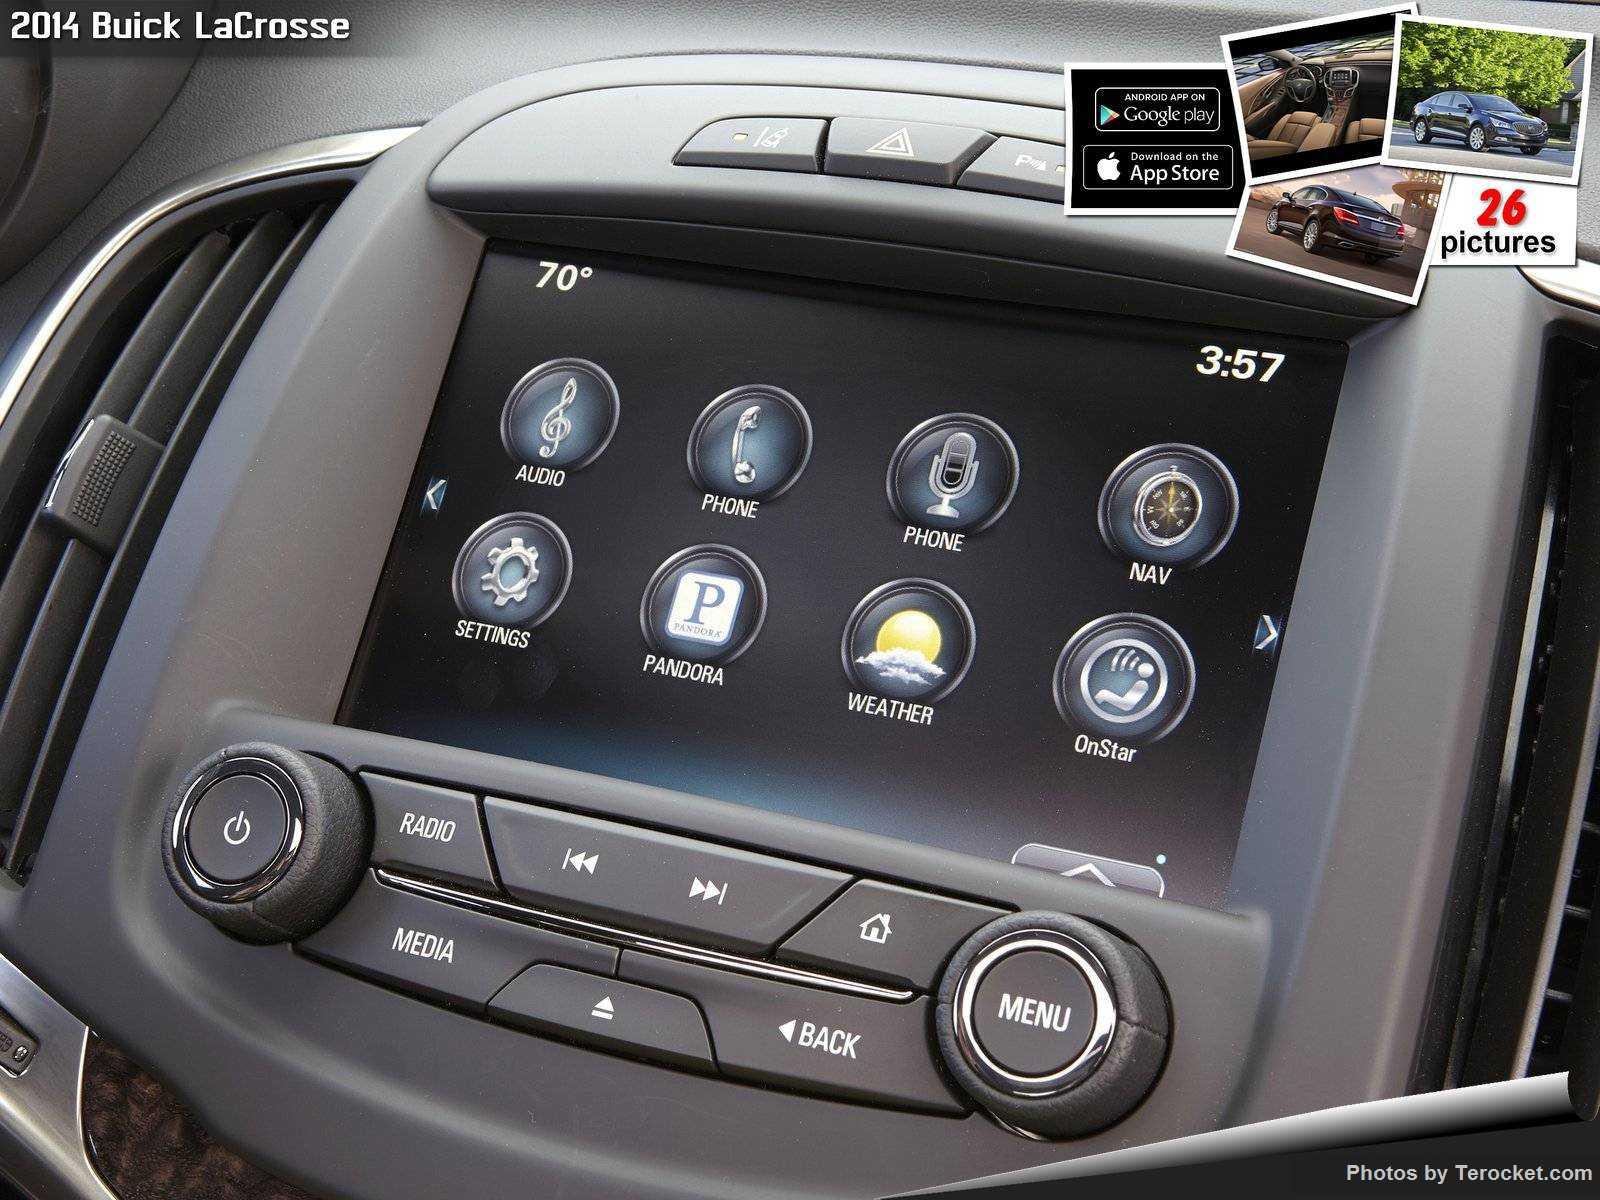 Hình ảnh xe ô tô Buick LaCrosse 2014 & nội ngoại thất